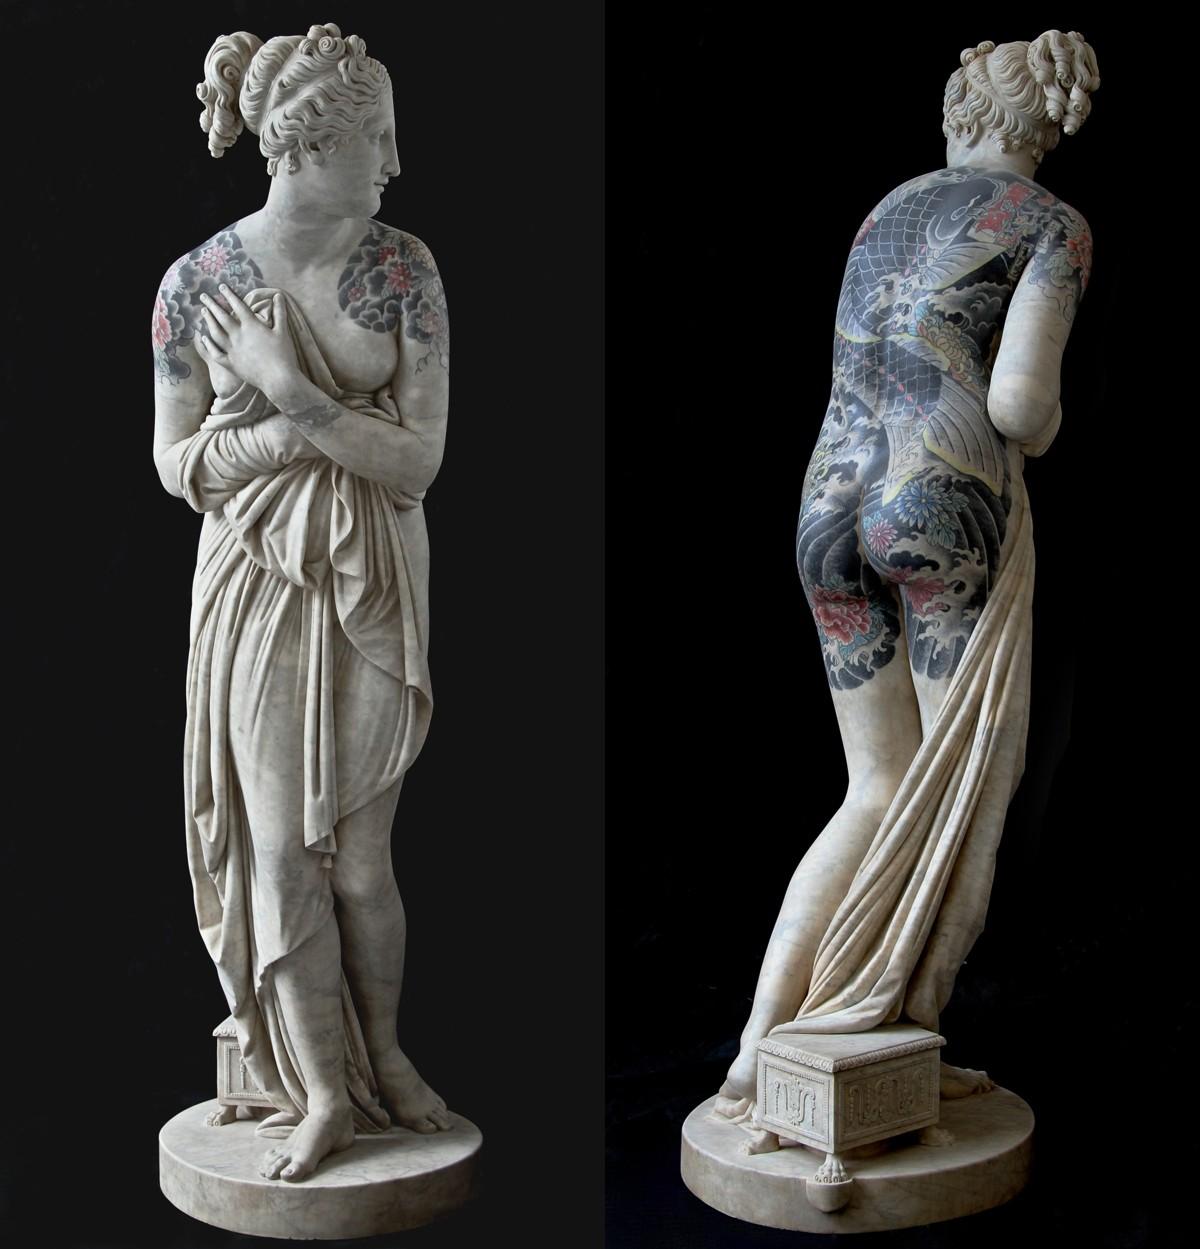 итальянский скульптор Фабио Виале